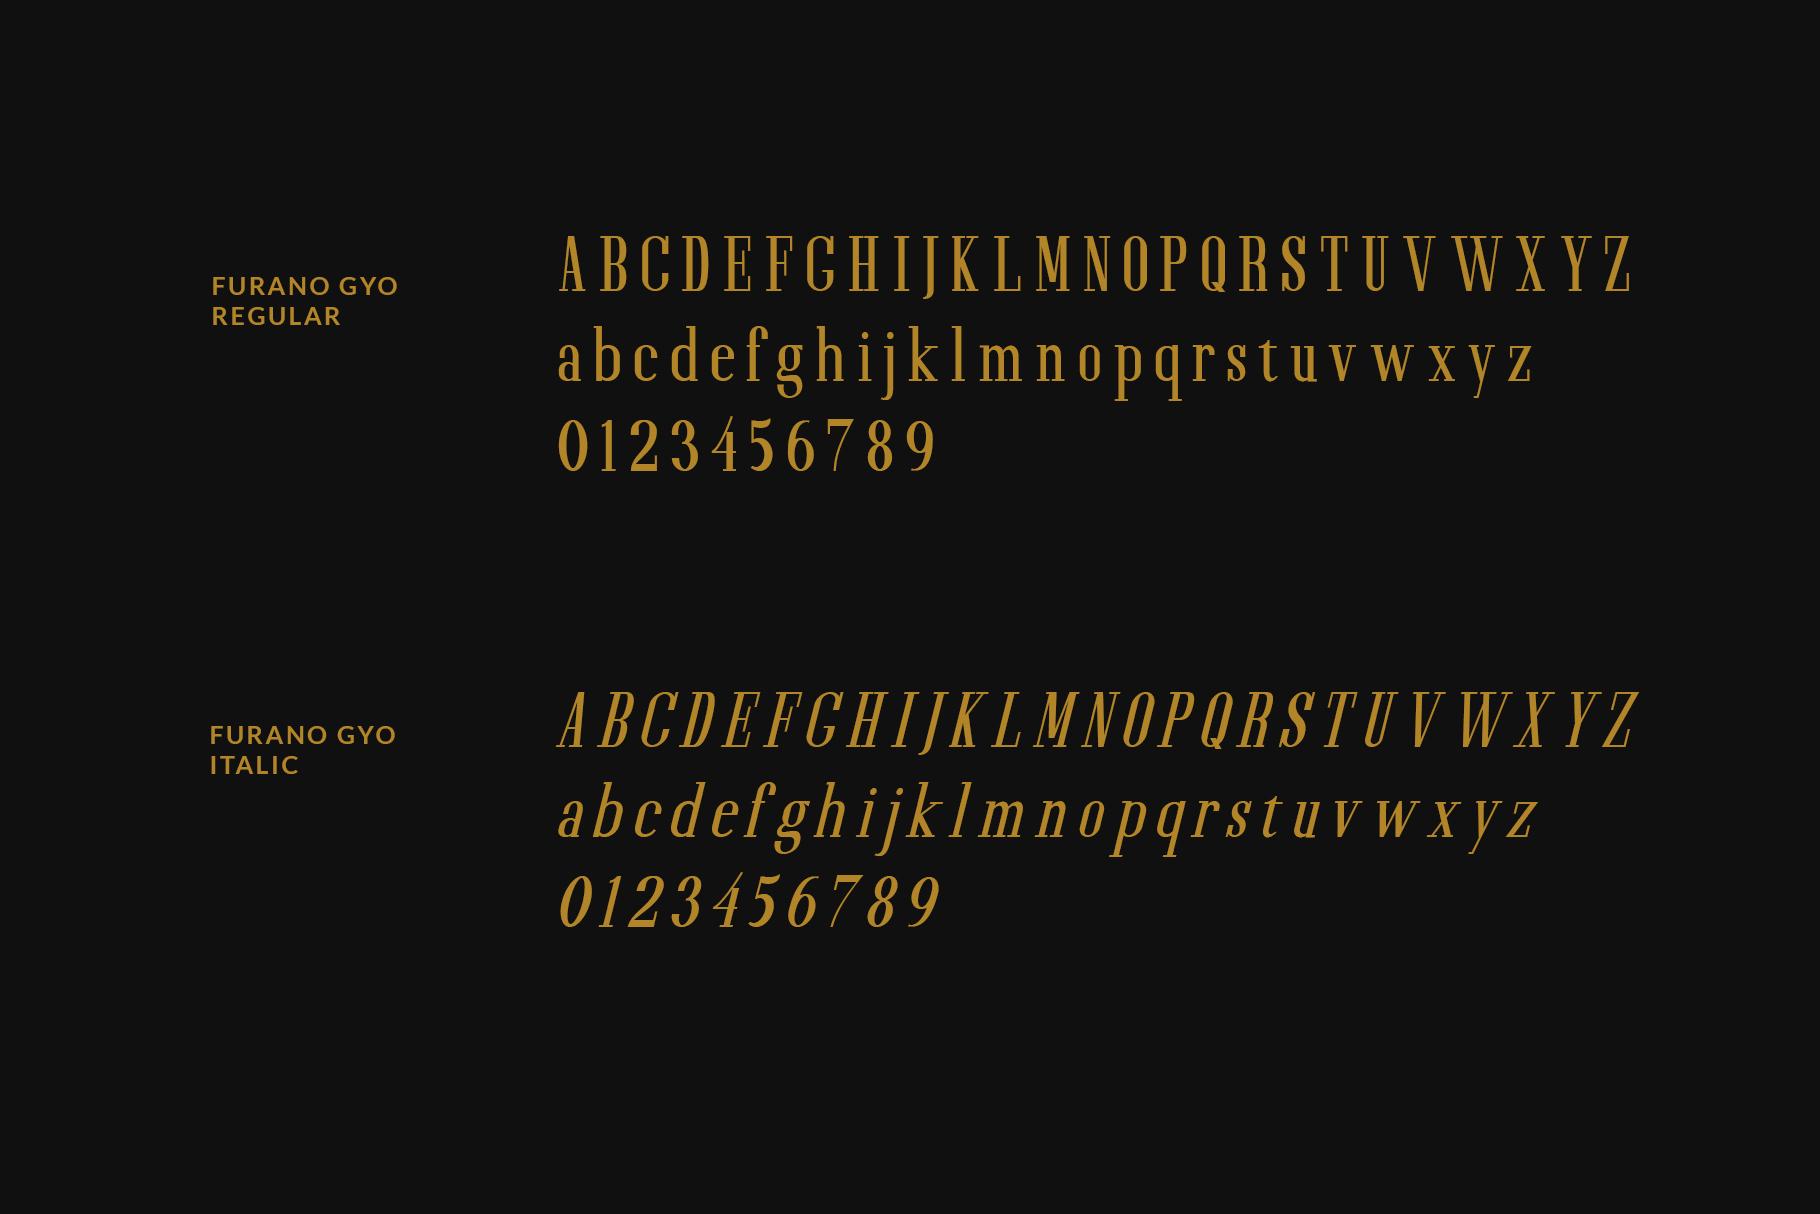 Furano Gyo font example image 2